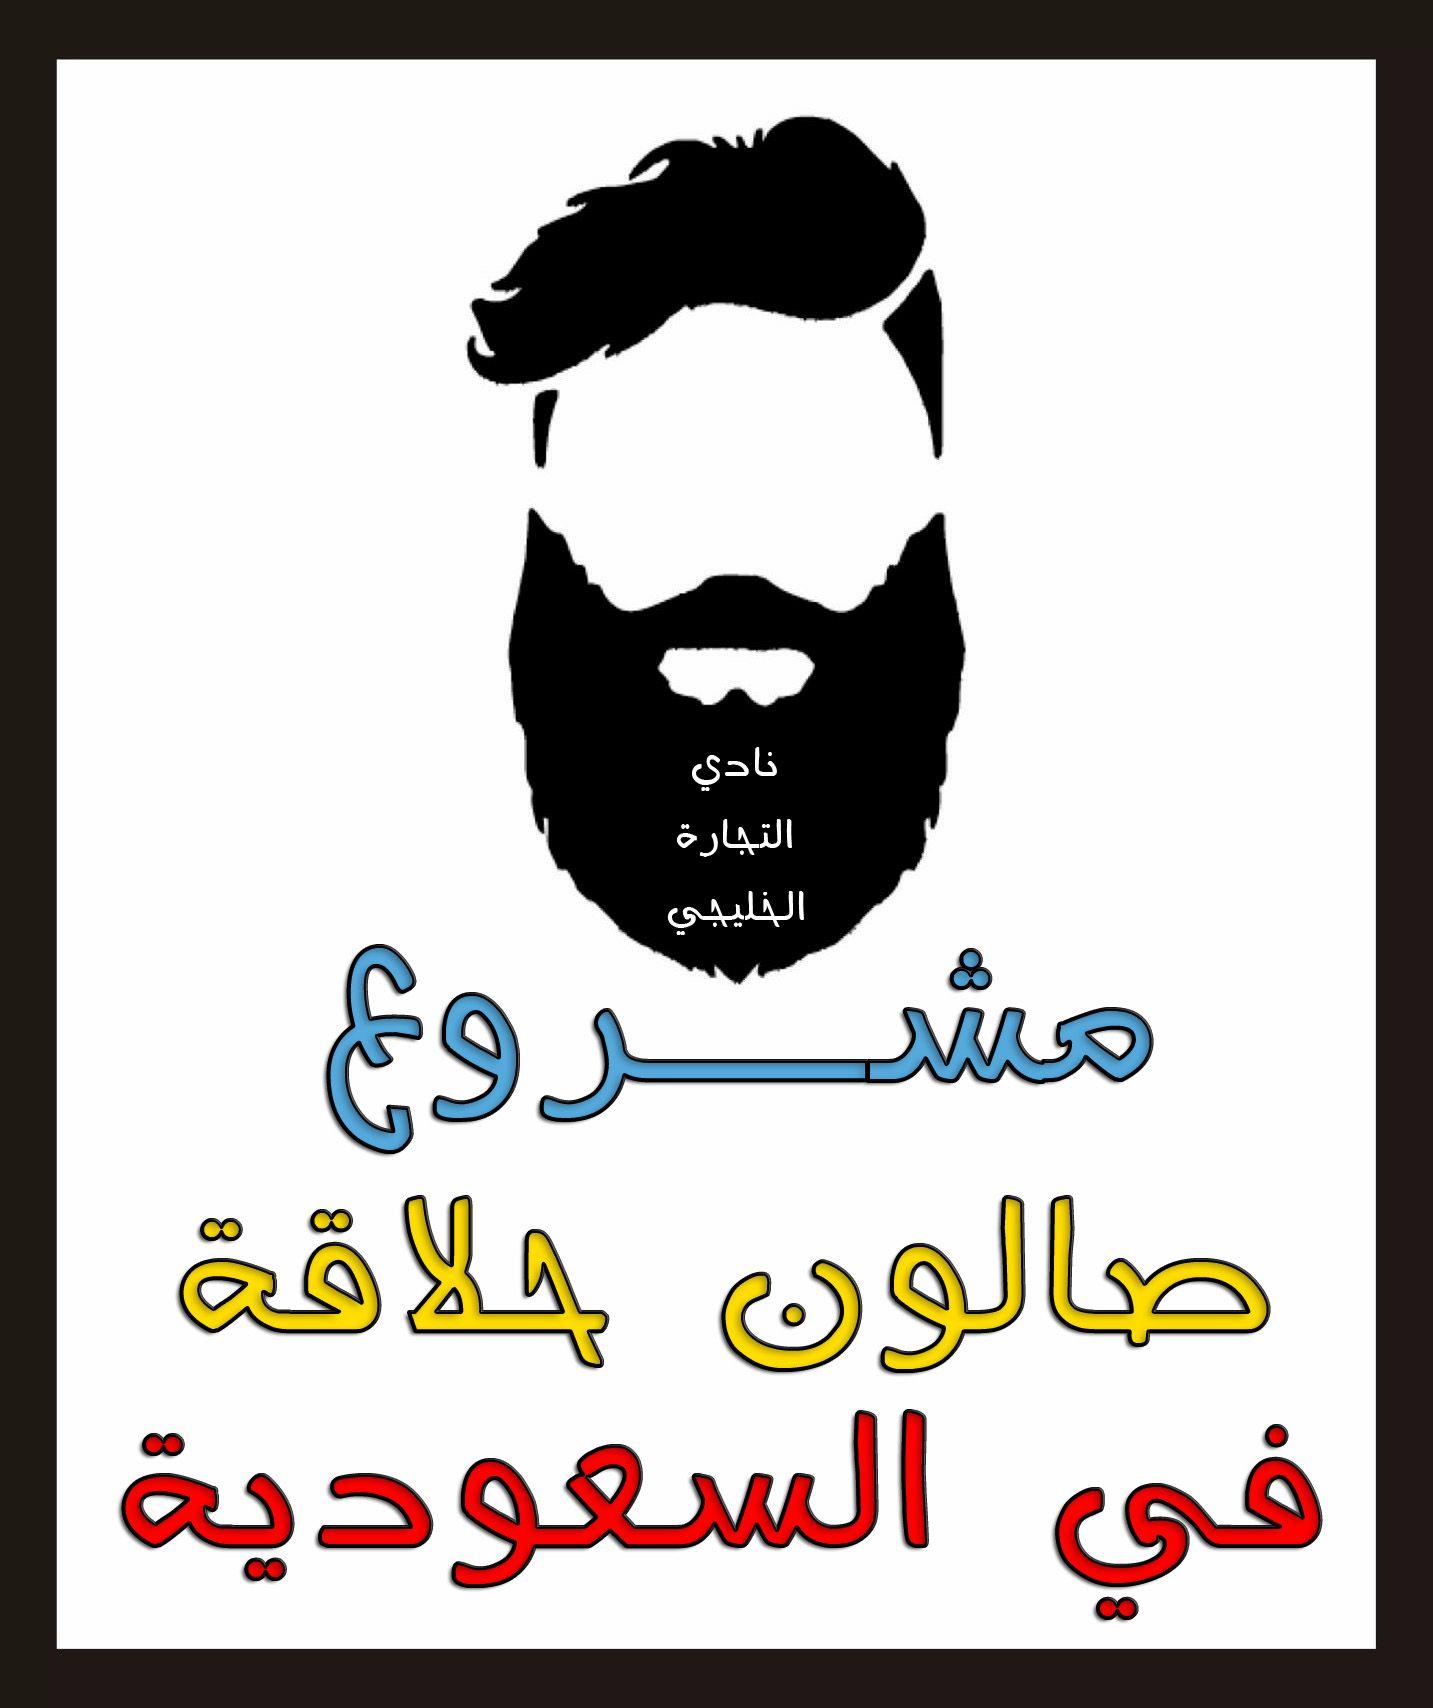 أفضل المشاريع الصغيرة الناجحة في السعودية والتي ستجني من خلالها الأرباح الوفيرة Mens Shaving Men Shaving